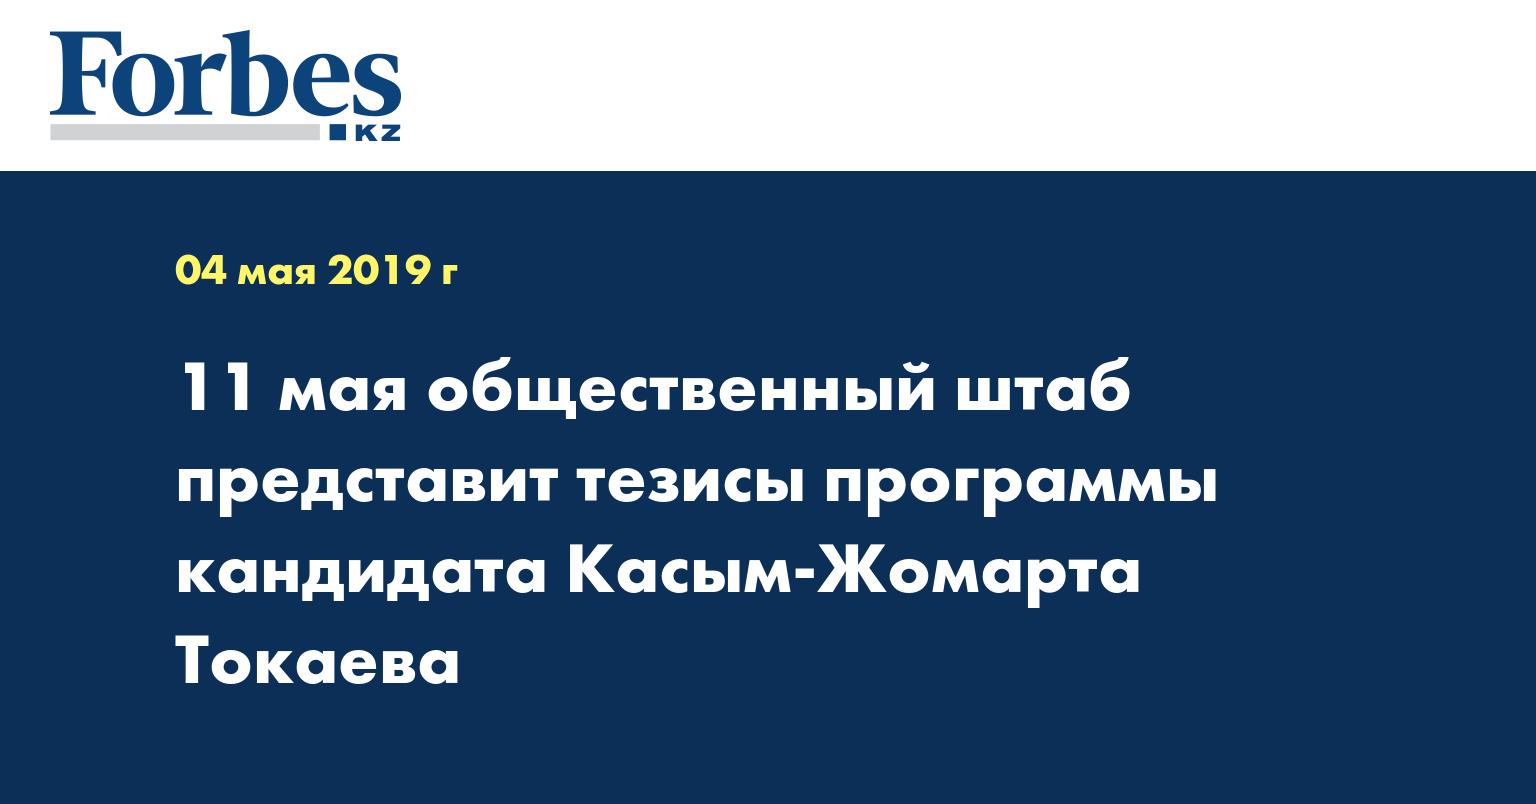 11 мая общественный штаб представит тезисы программы кандидата Касым-Жомарта Токаева